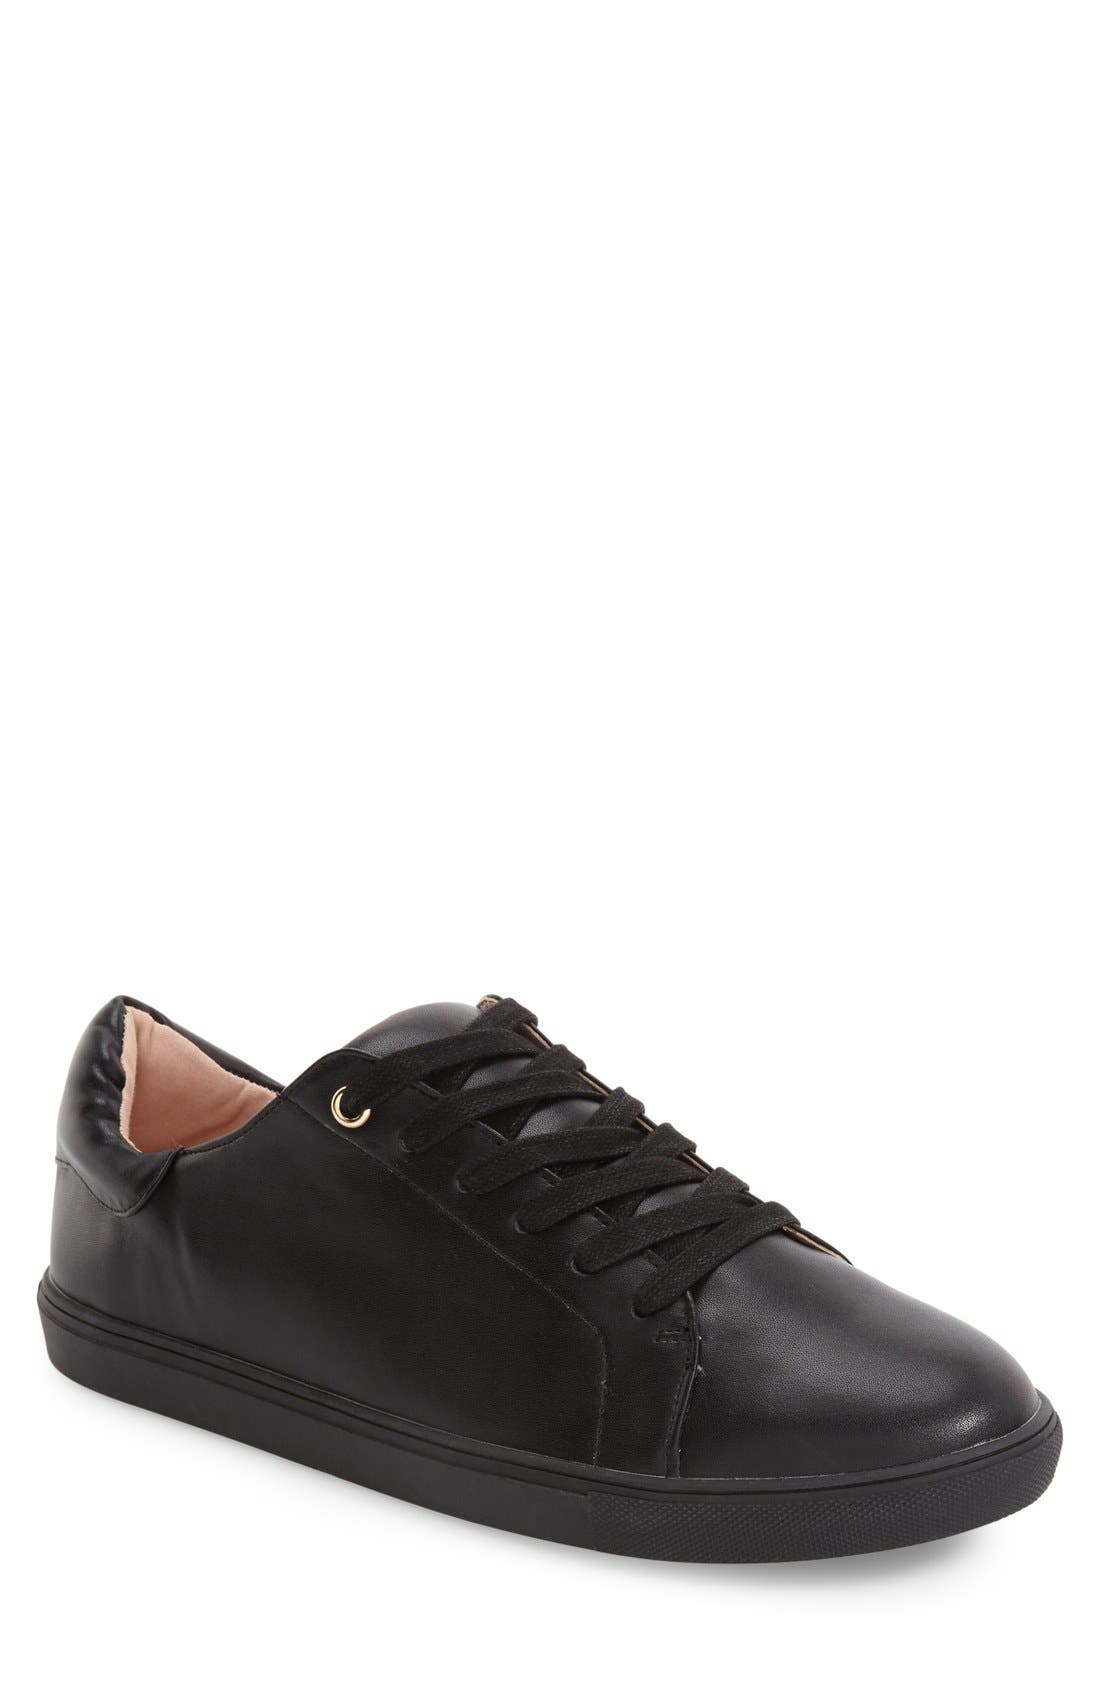 Topshop Catseye Sneaker (Women)